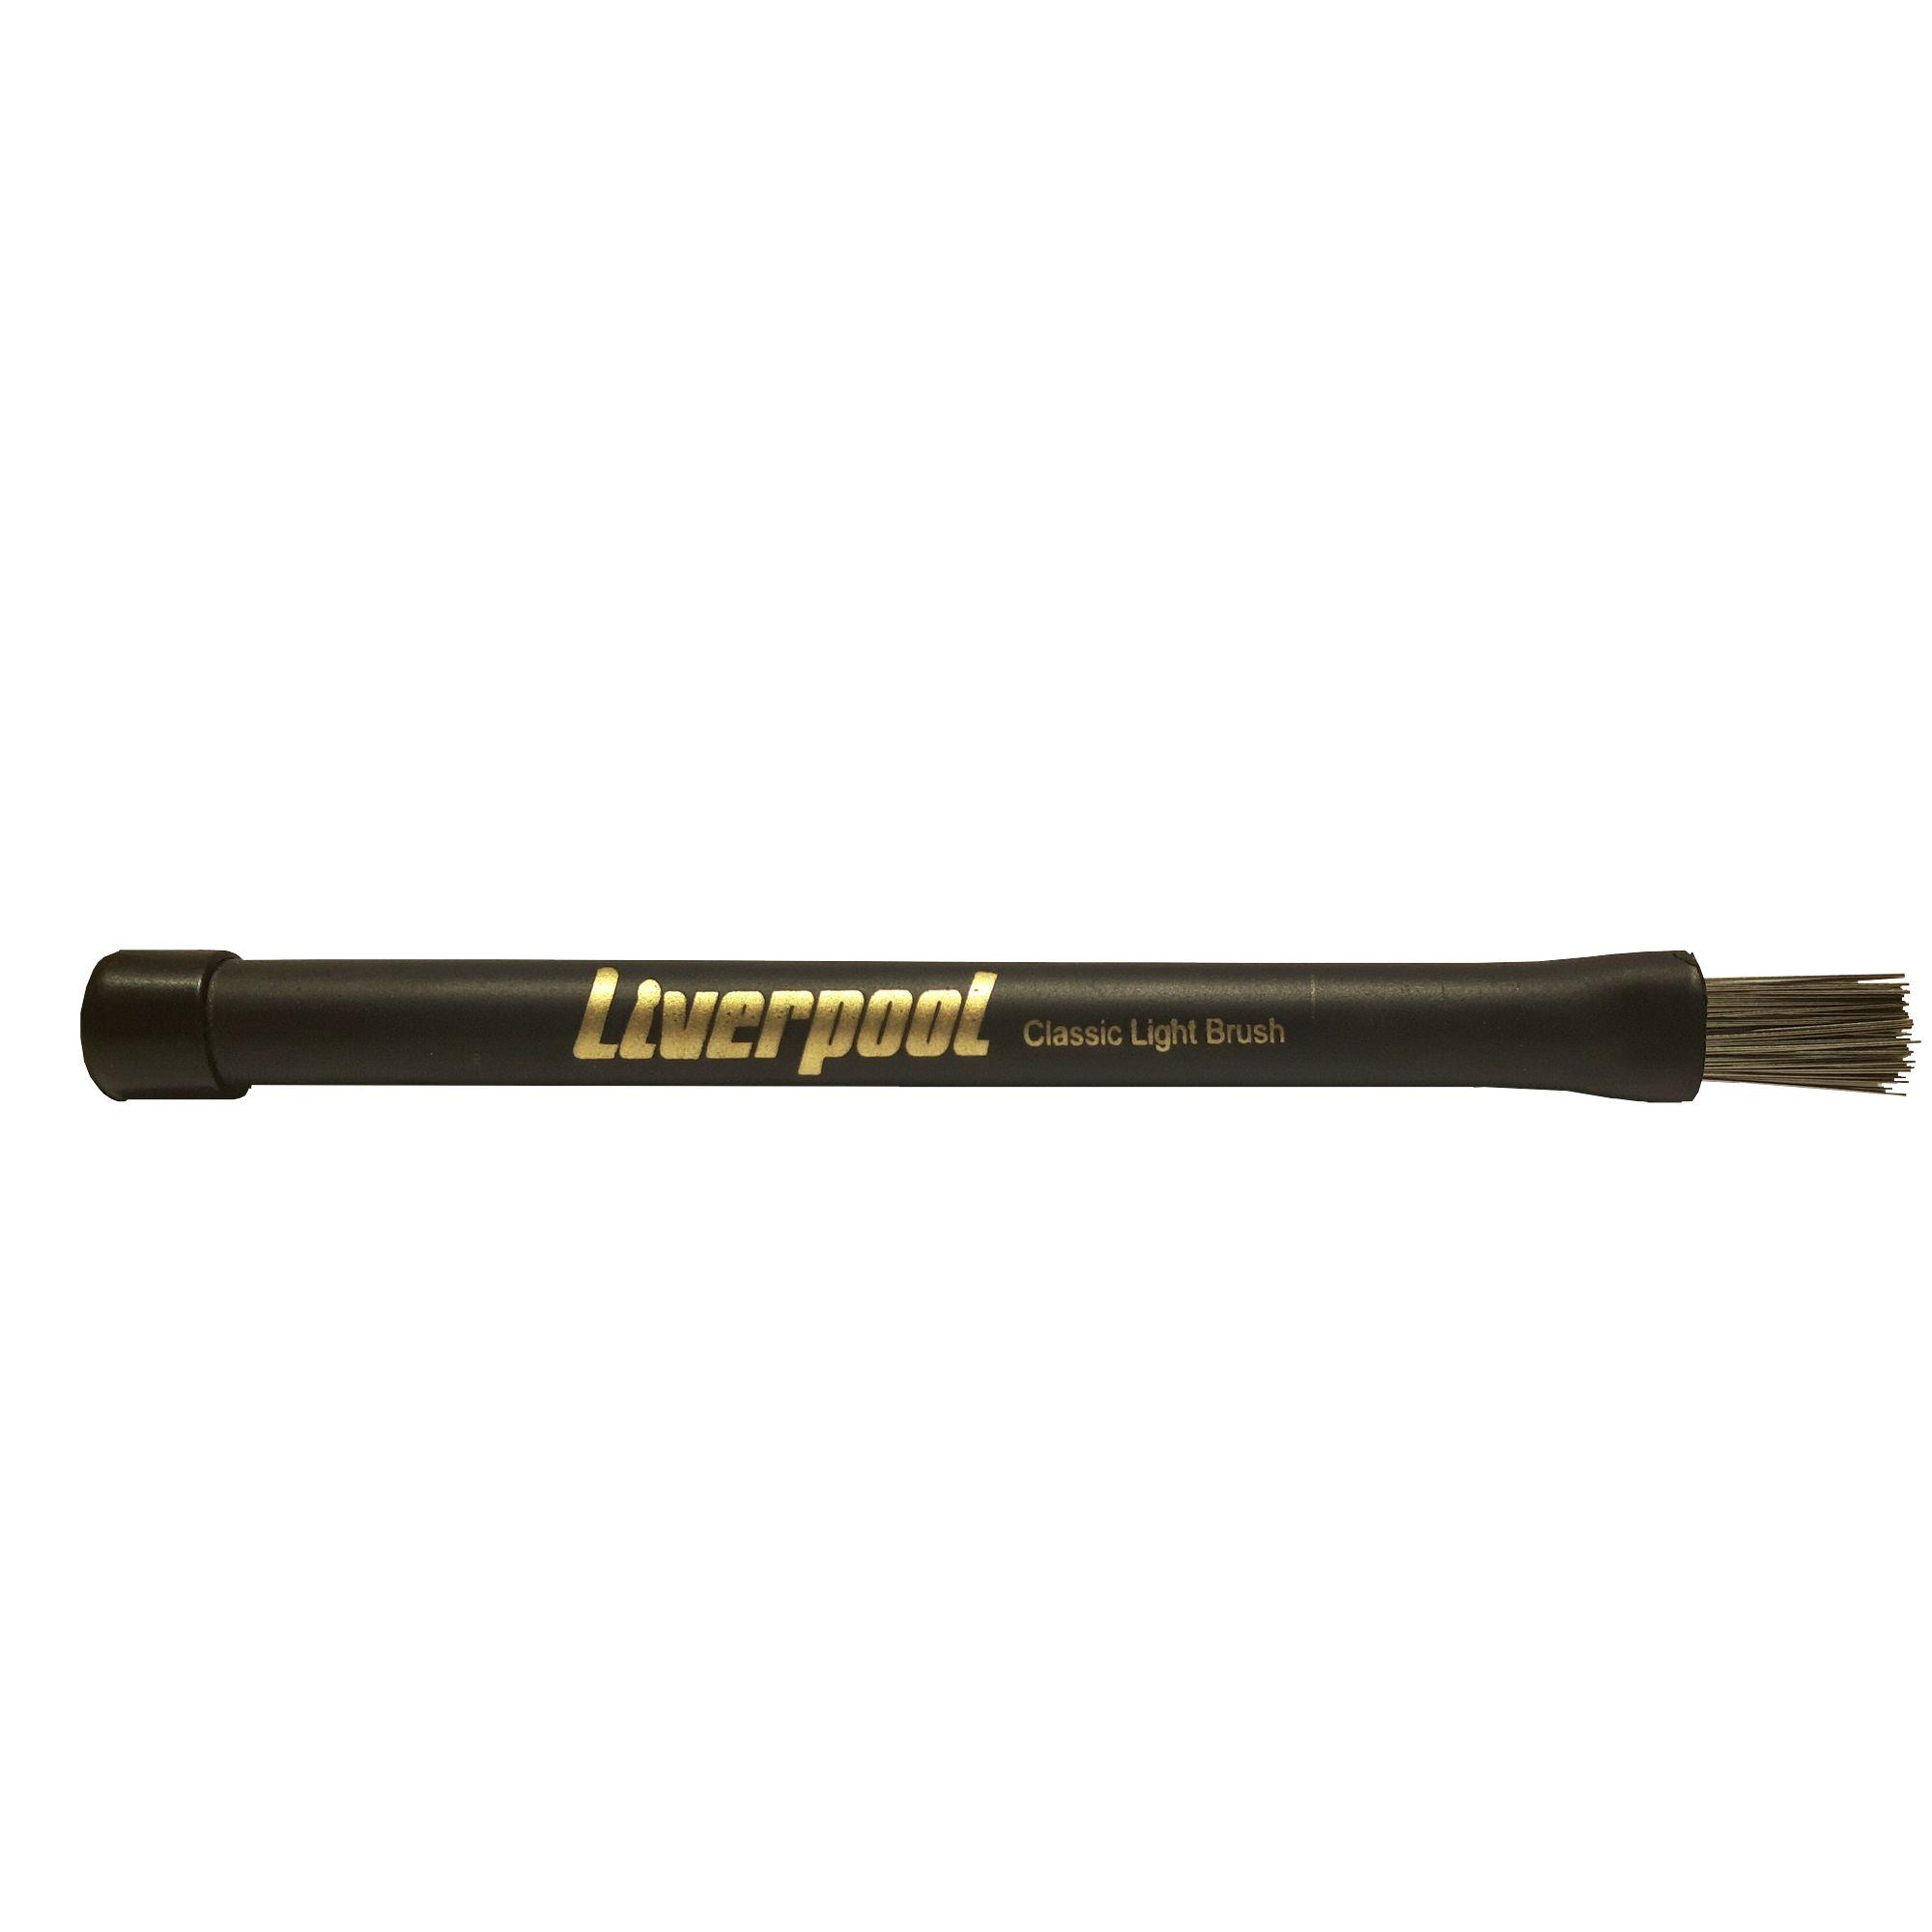 Baqueta Liverpool Vassoura Classic Light Brush VA180